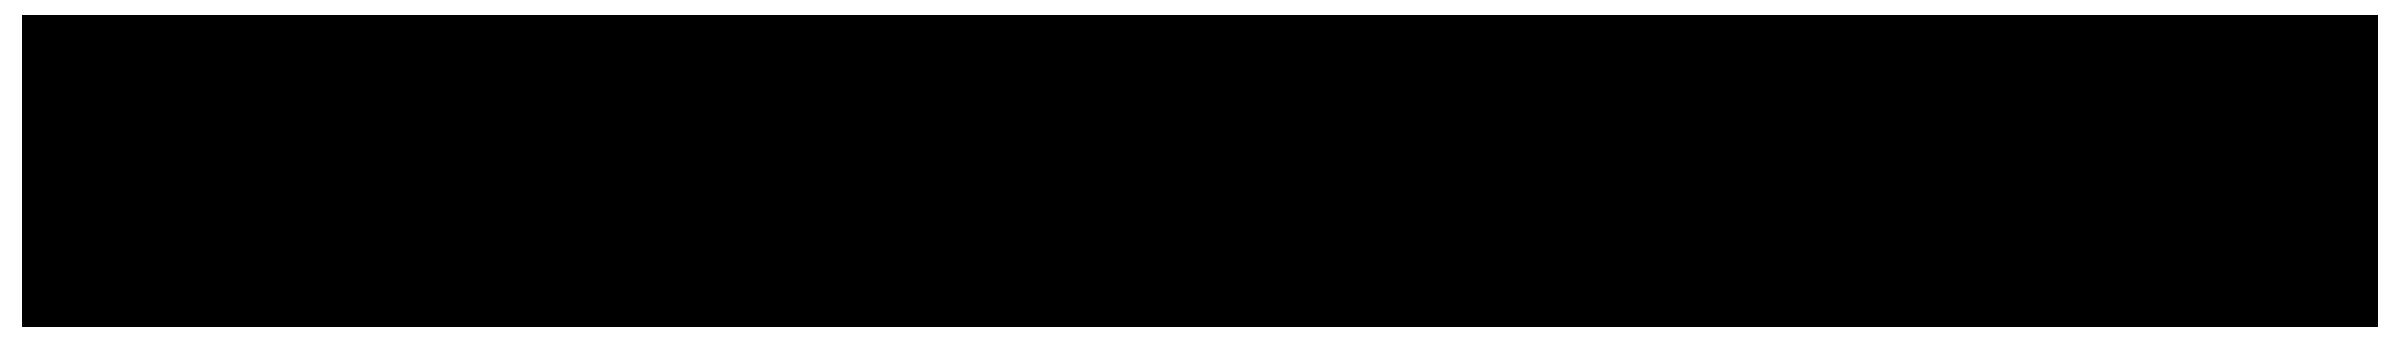 CATECOMM